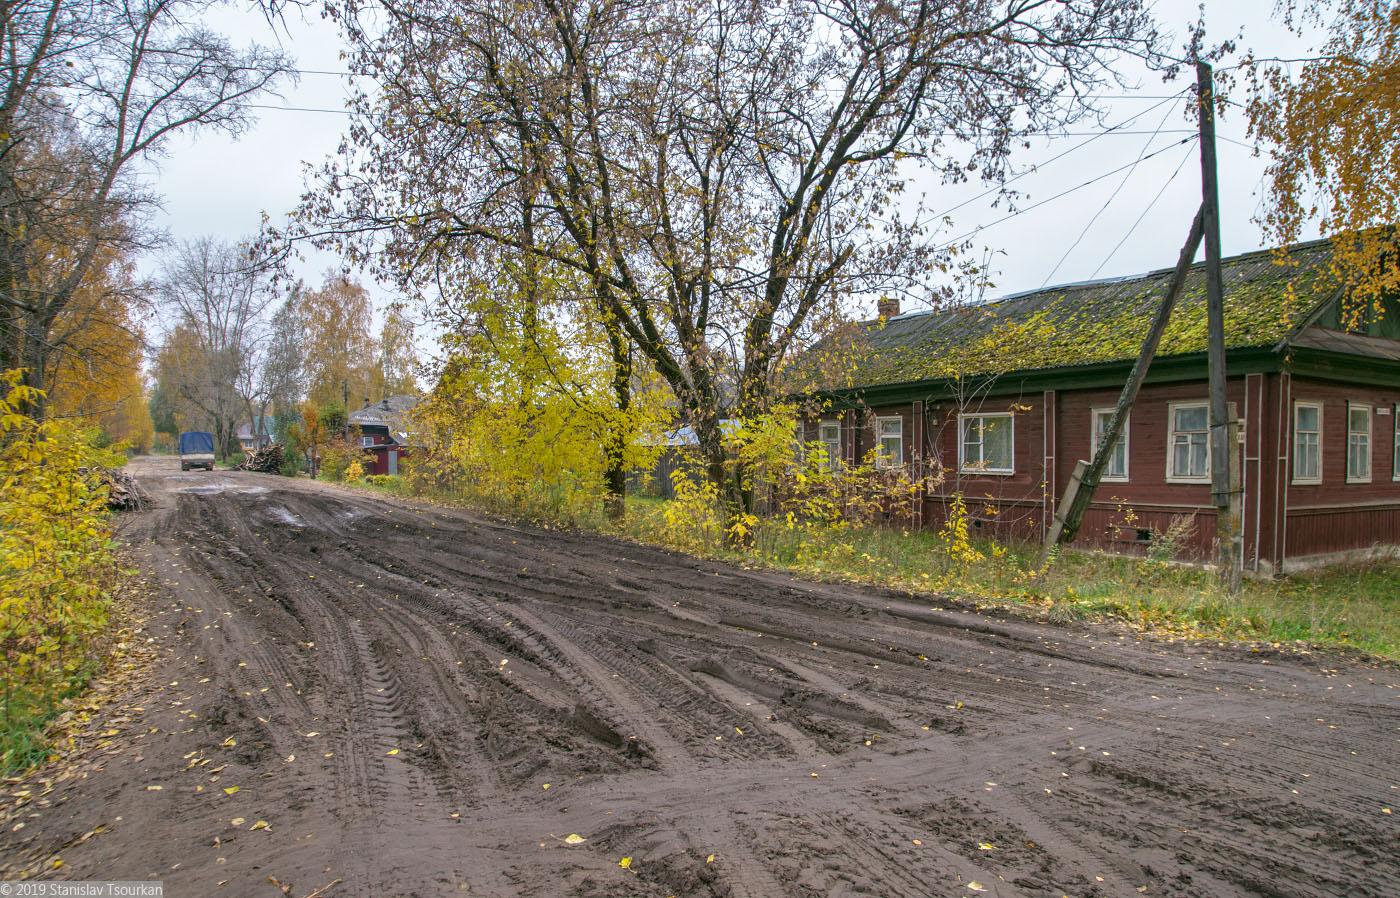 Весьегонск, Тверская область, улица Карла Маркса, бездорожье, нет асфальта